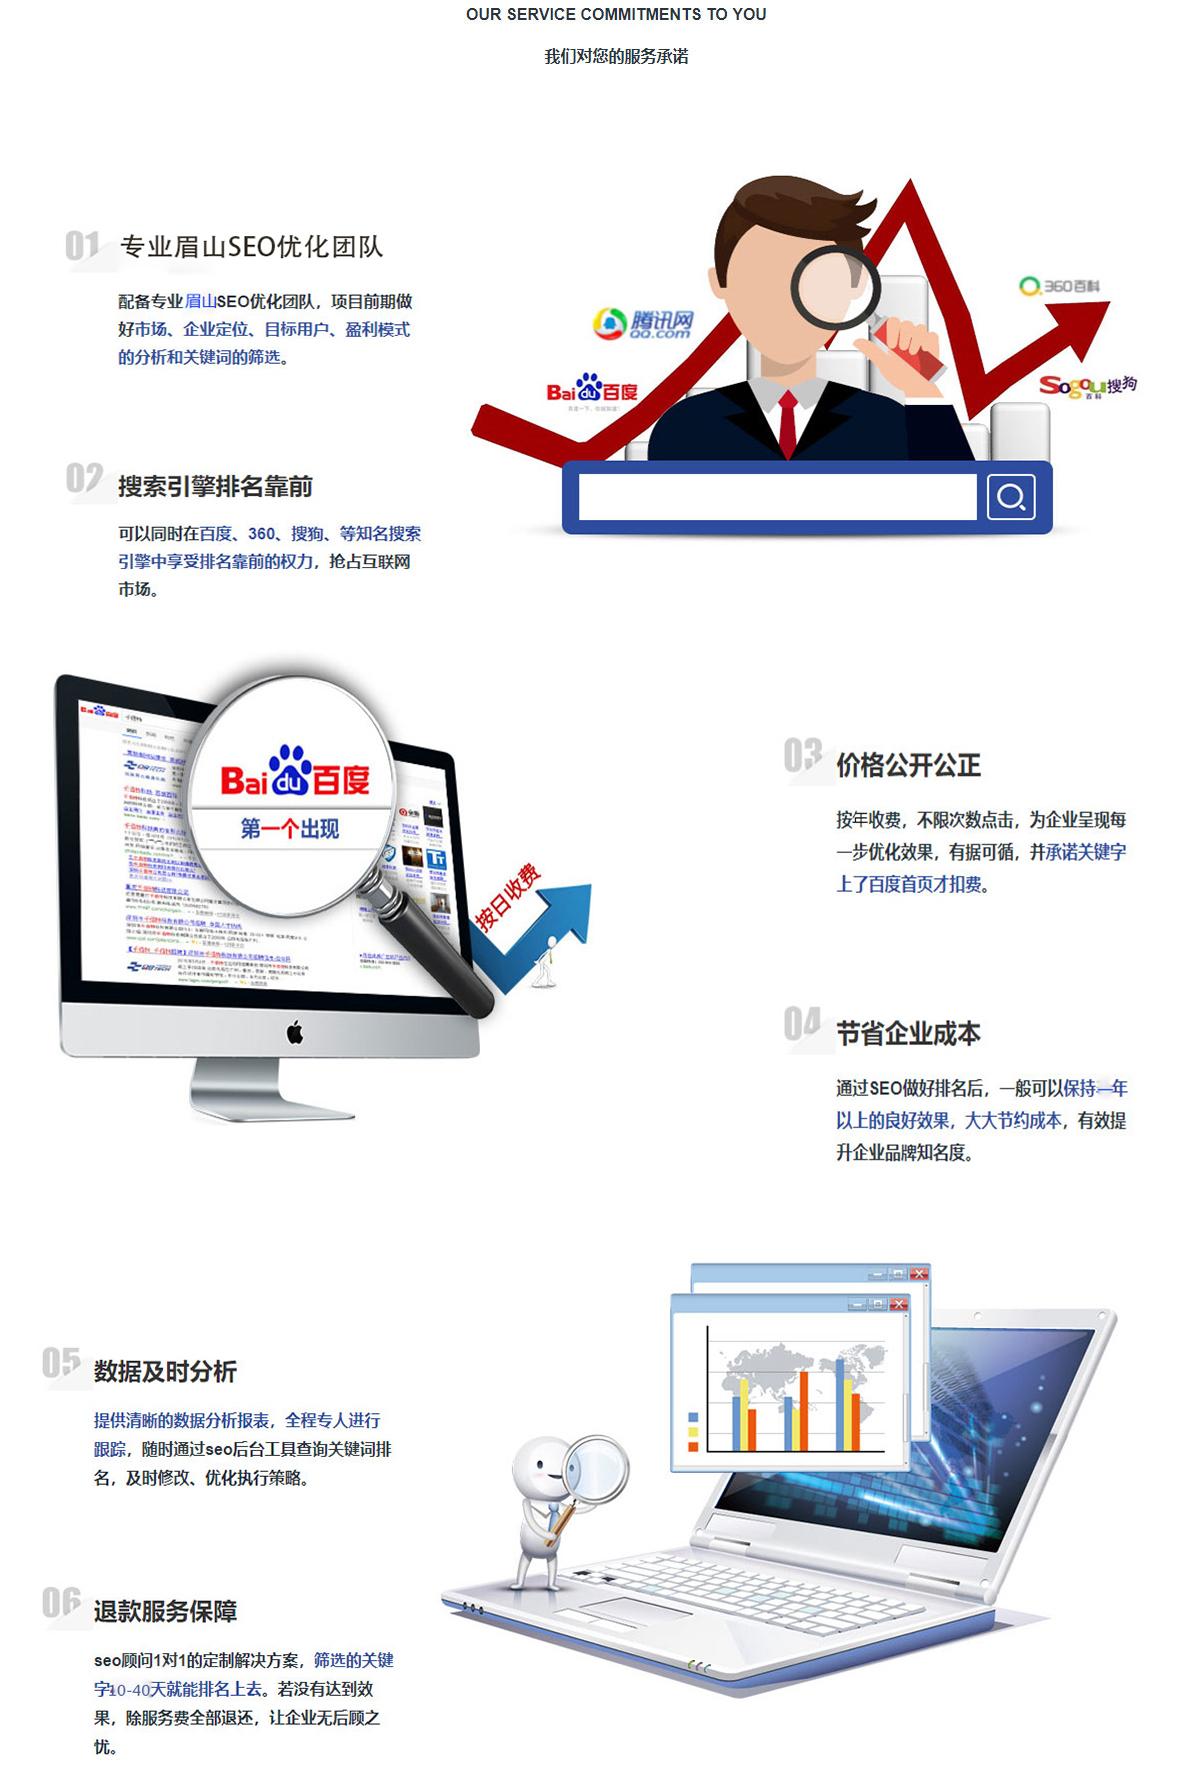 眉山网站建设网络推广